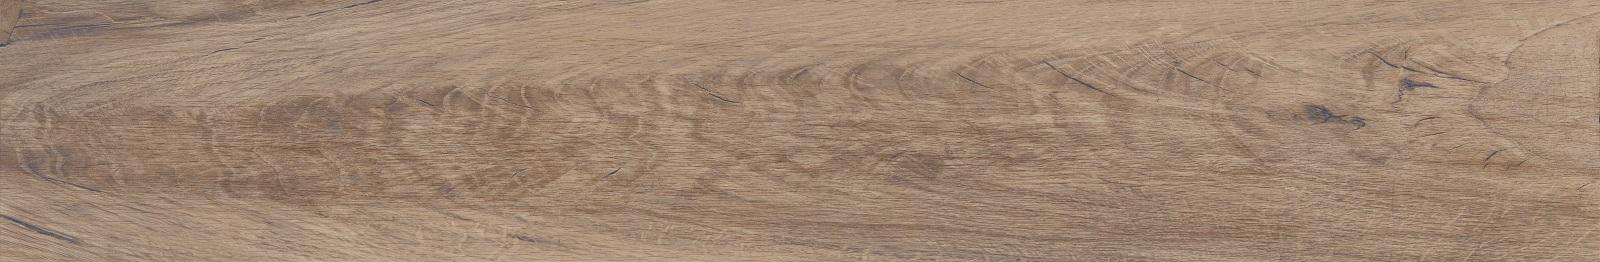 Керамогранит Zeus Ceramicа Allwood Beige 15х90 Zzxwu3r